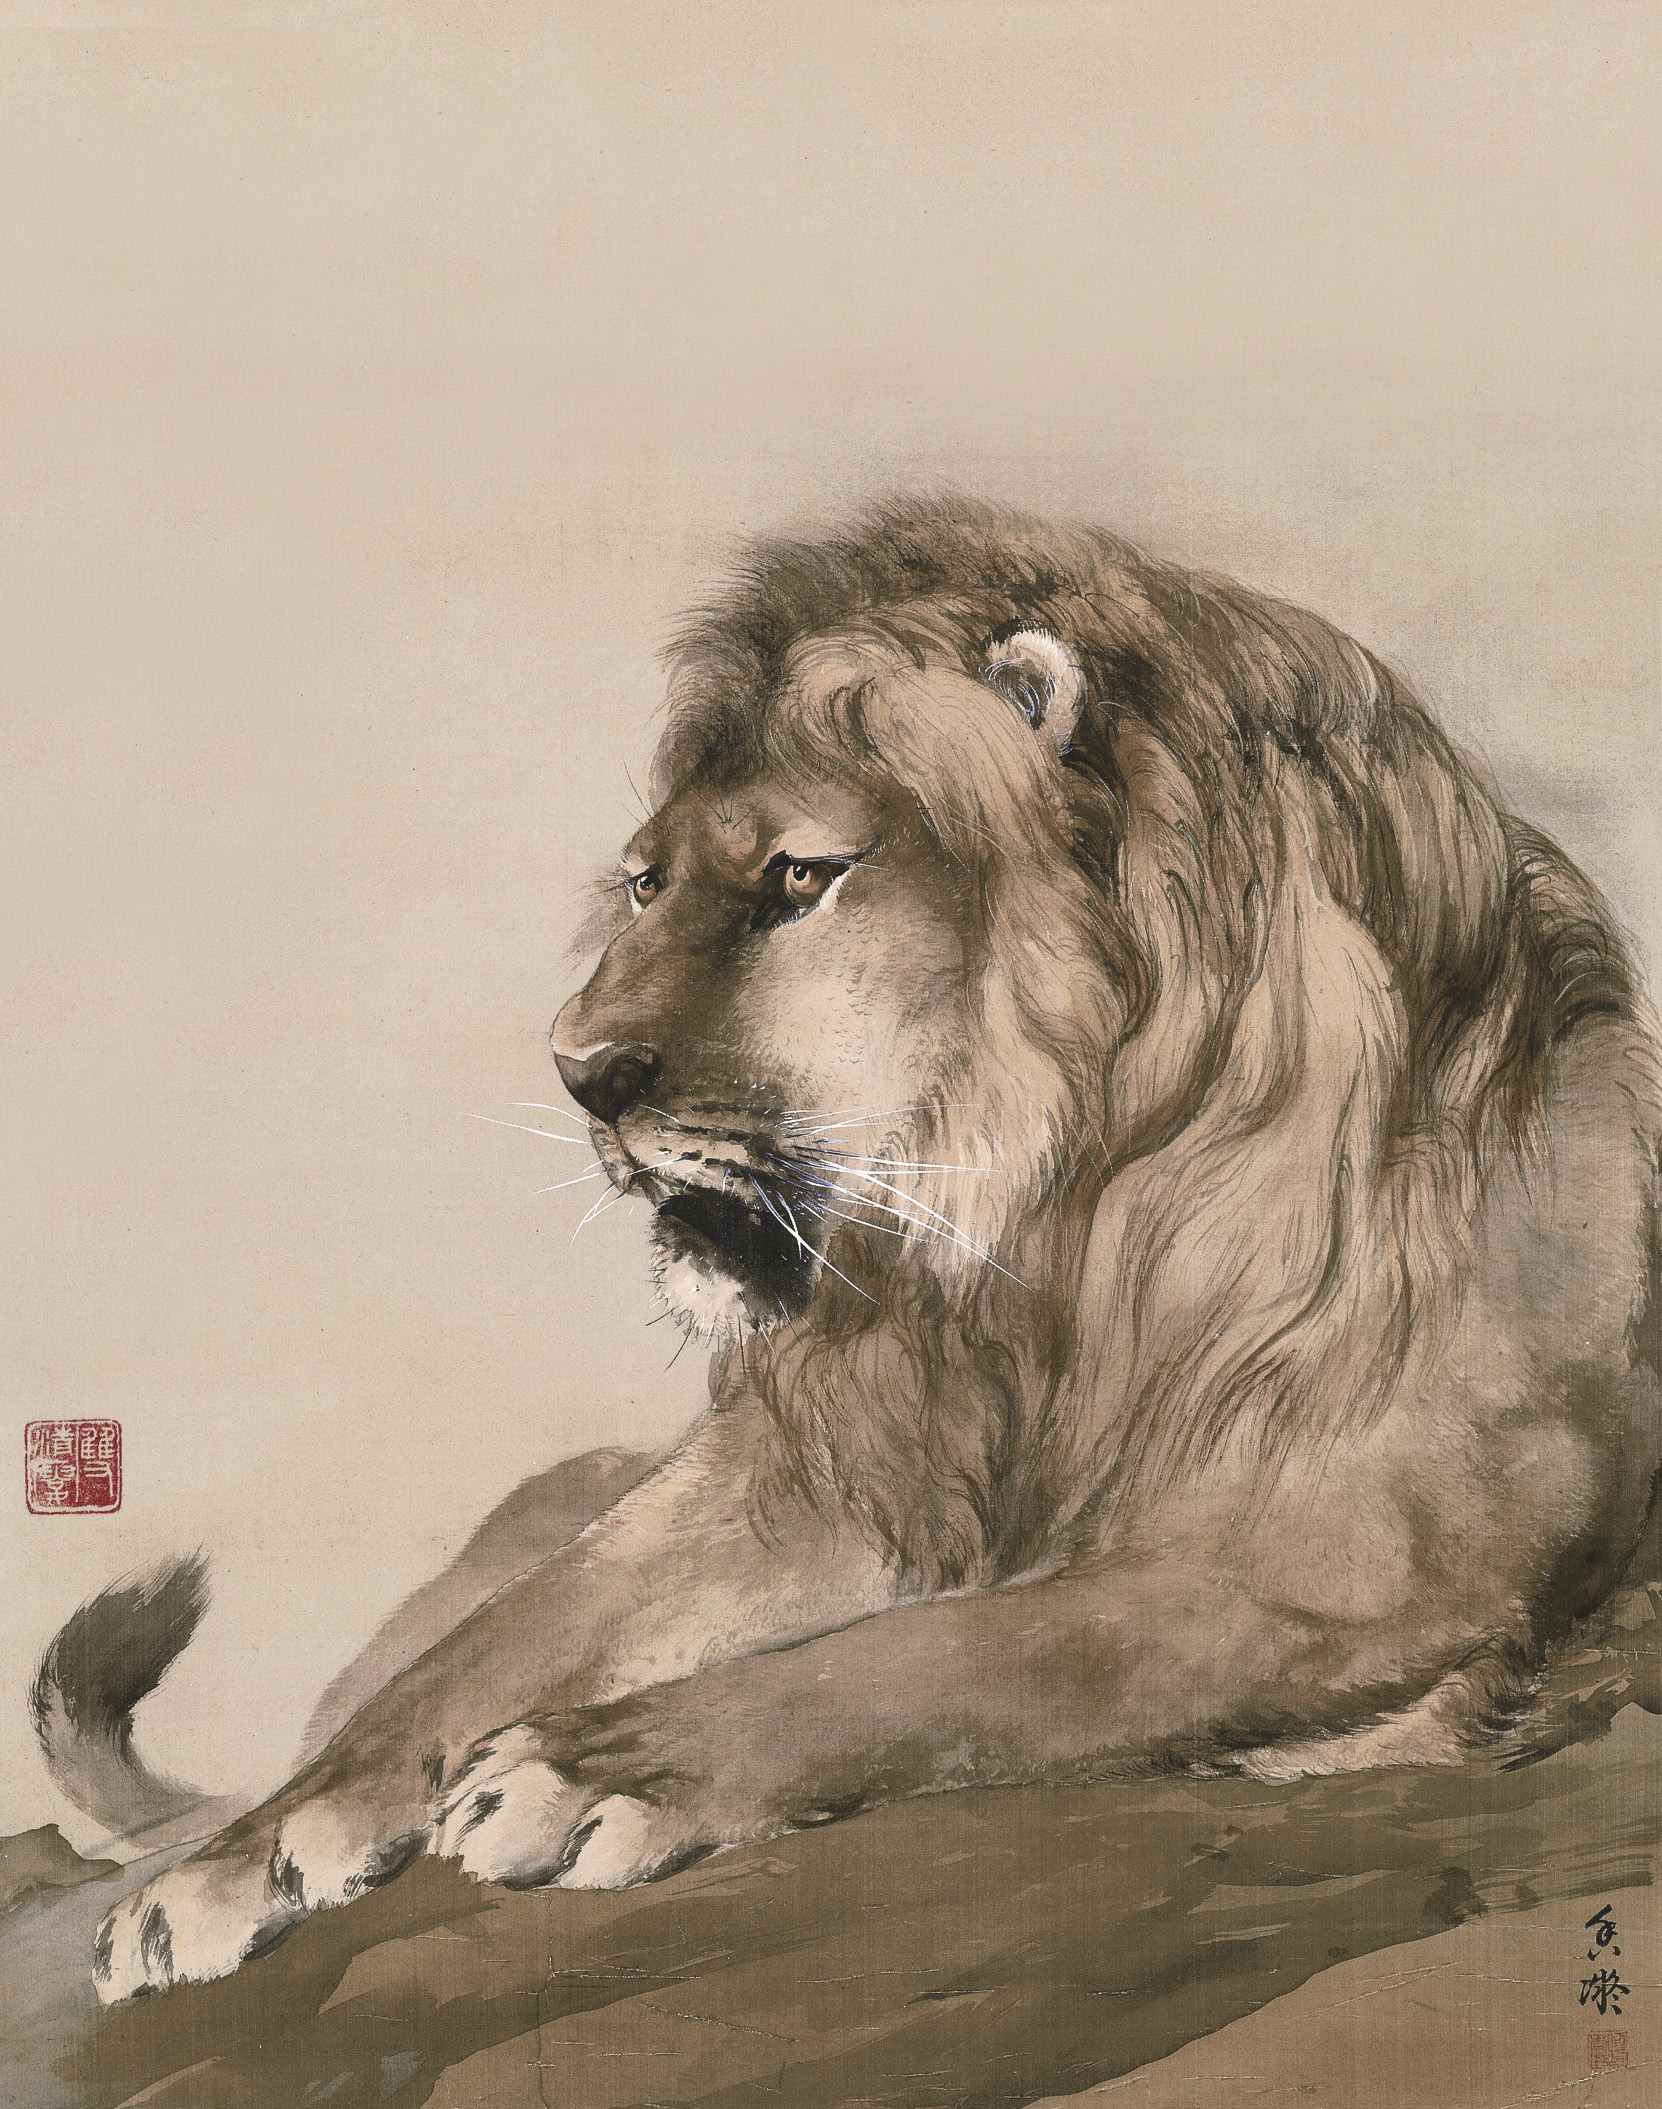 何香凝《狮》中国画 63x49cm 1914年 何香凝美术馆藏